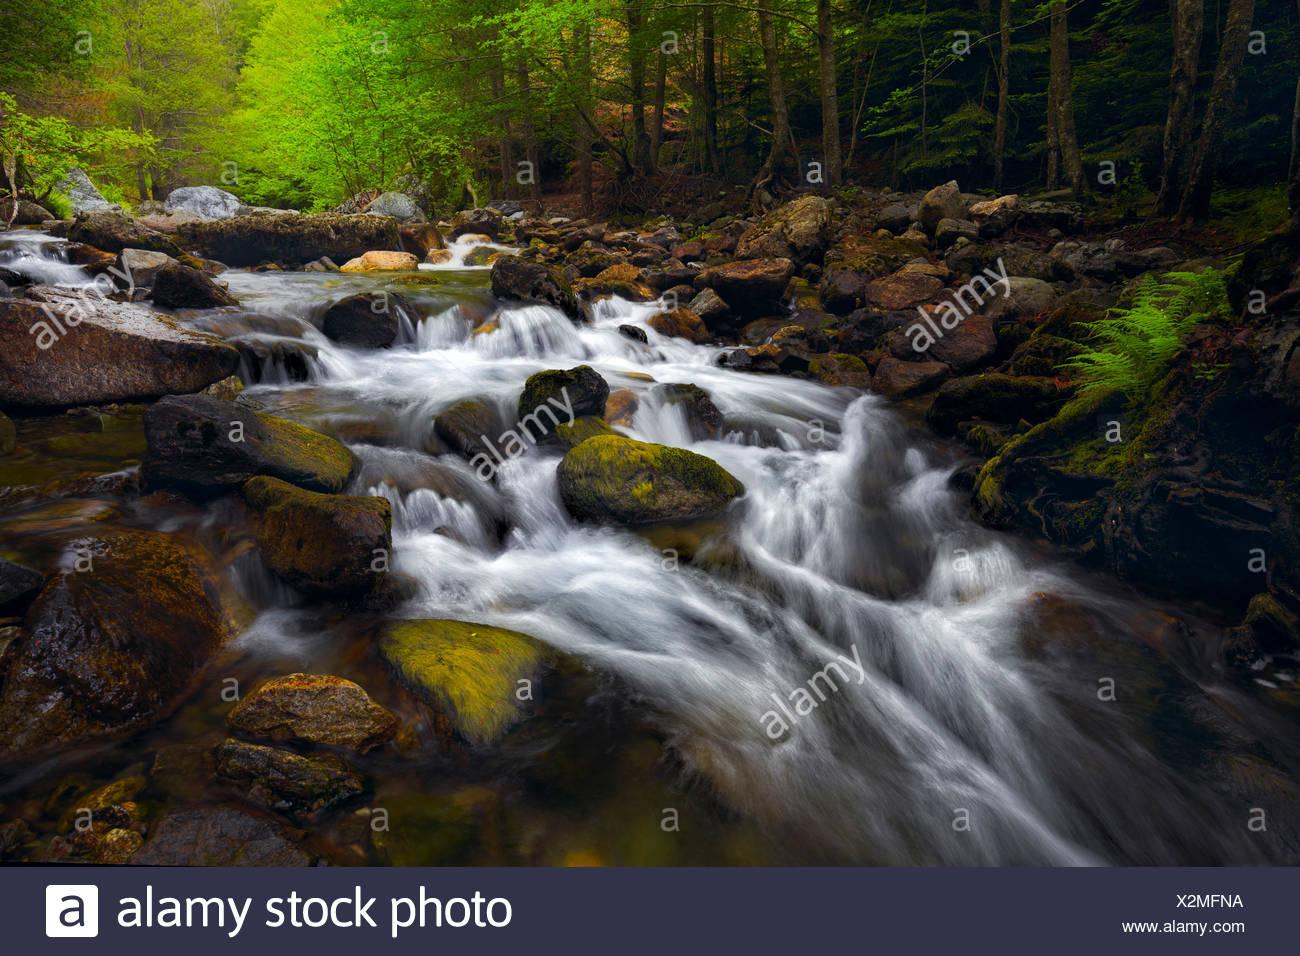 Aspromonte-Nationalpark, Gambarie, Reggio Calabria, Kalabrien, Italien, Menta Wasserlandschaft Stockbild